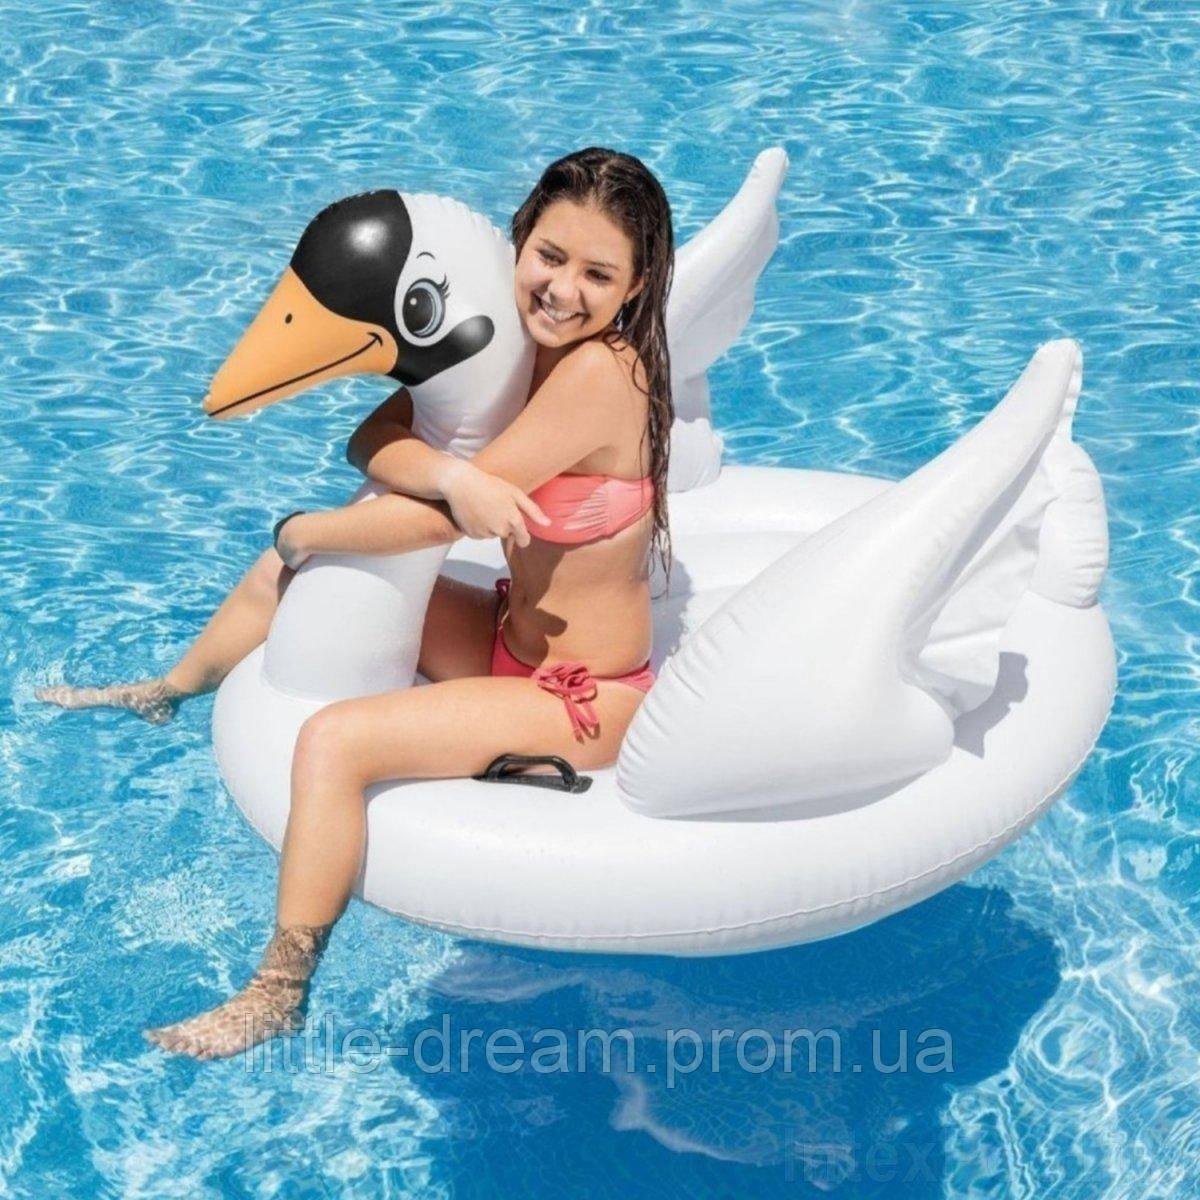 Надувной матрас ( надувной плот ) для катания ( для плавания ) Intex  «Лебедь», 130 х 102 х 99 см